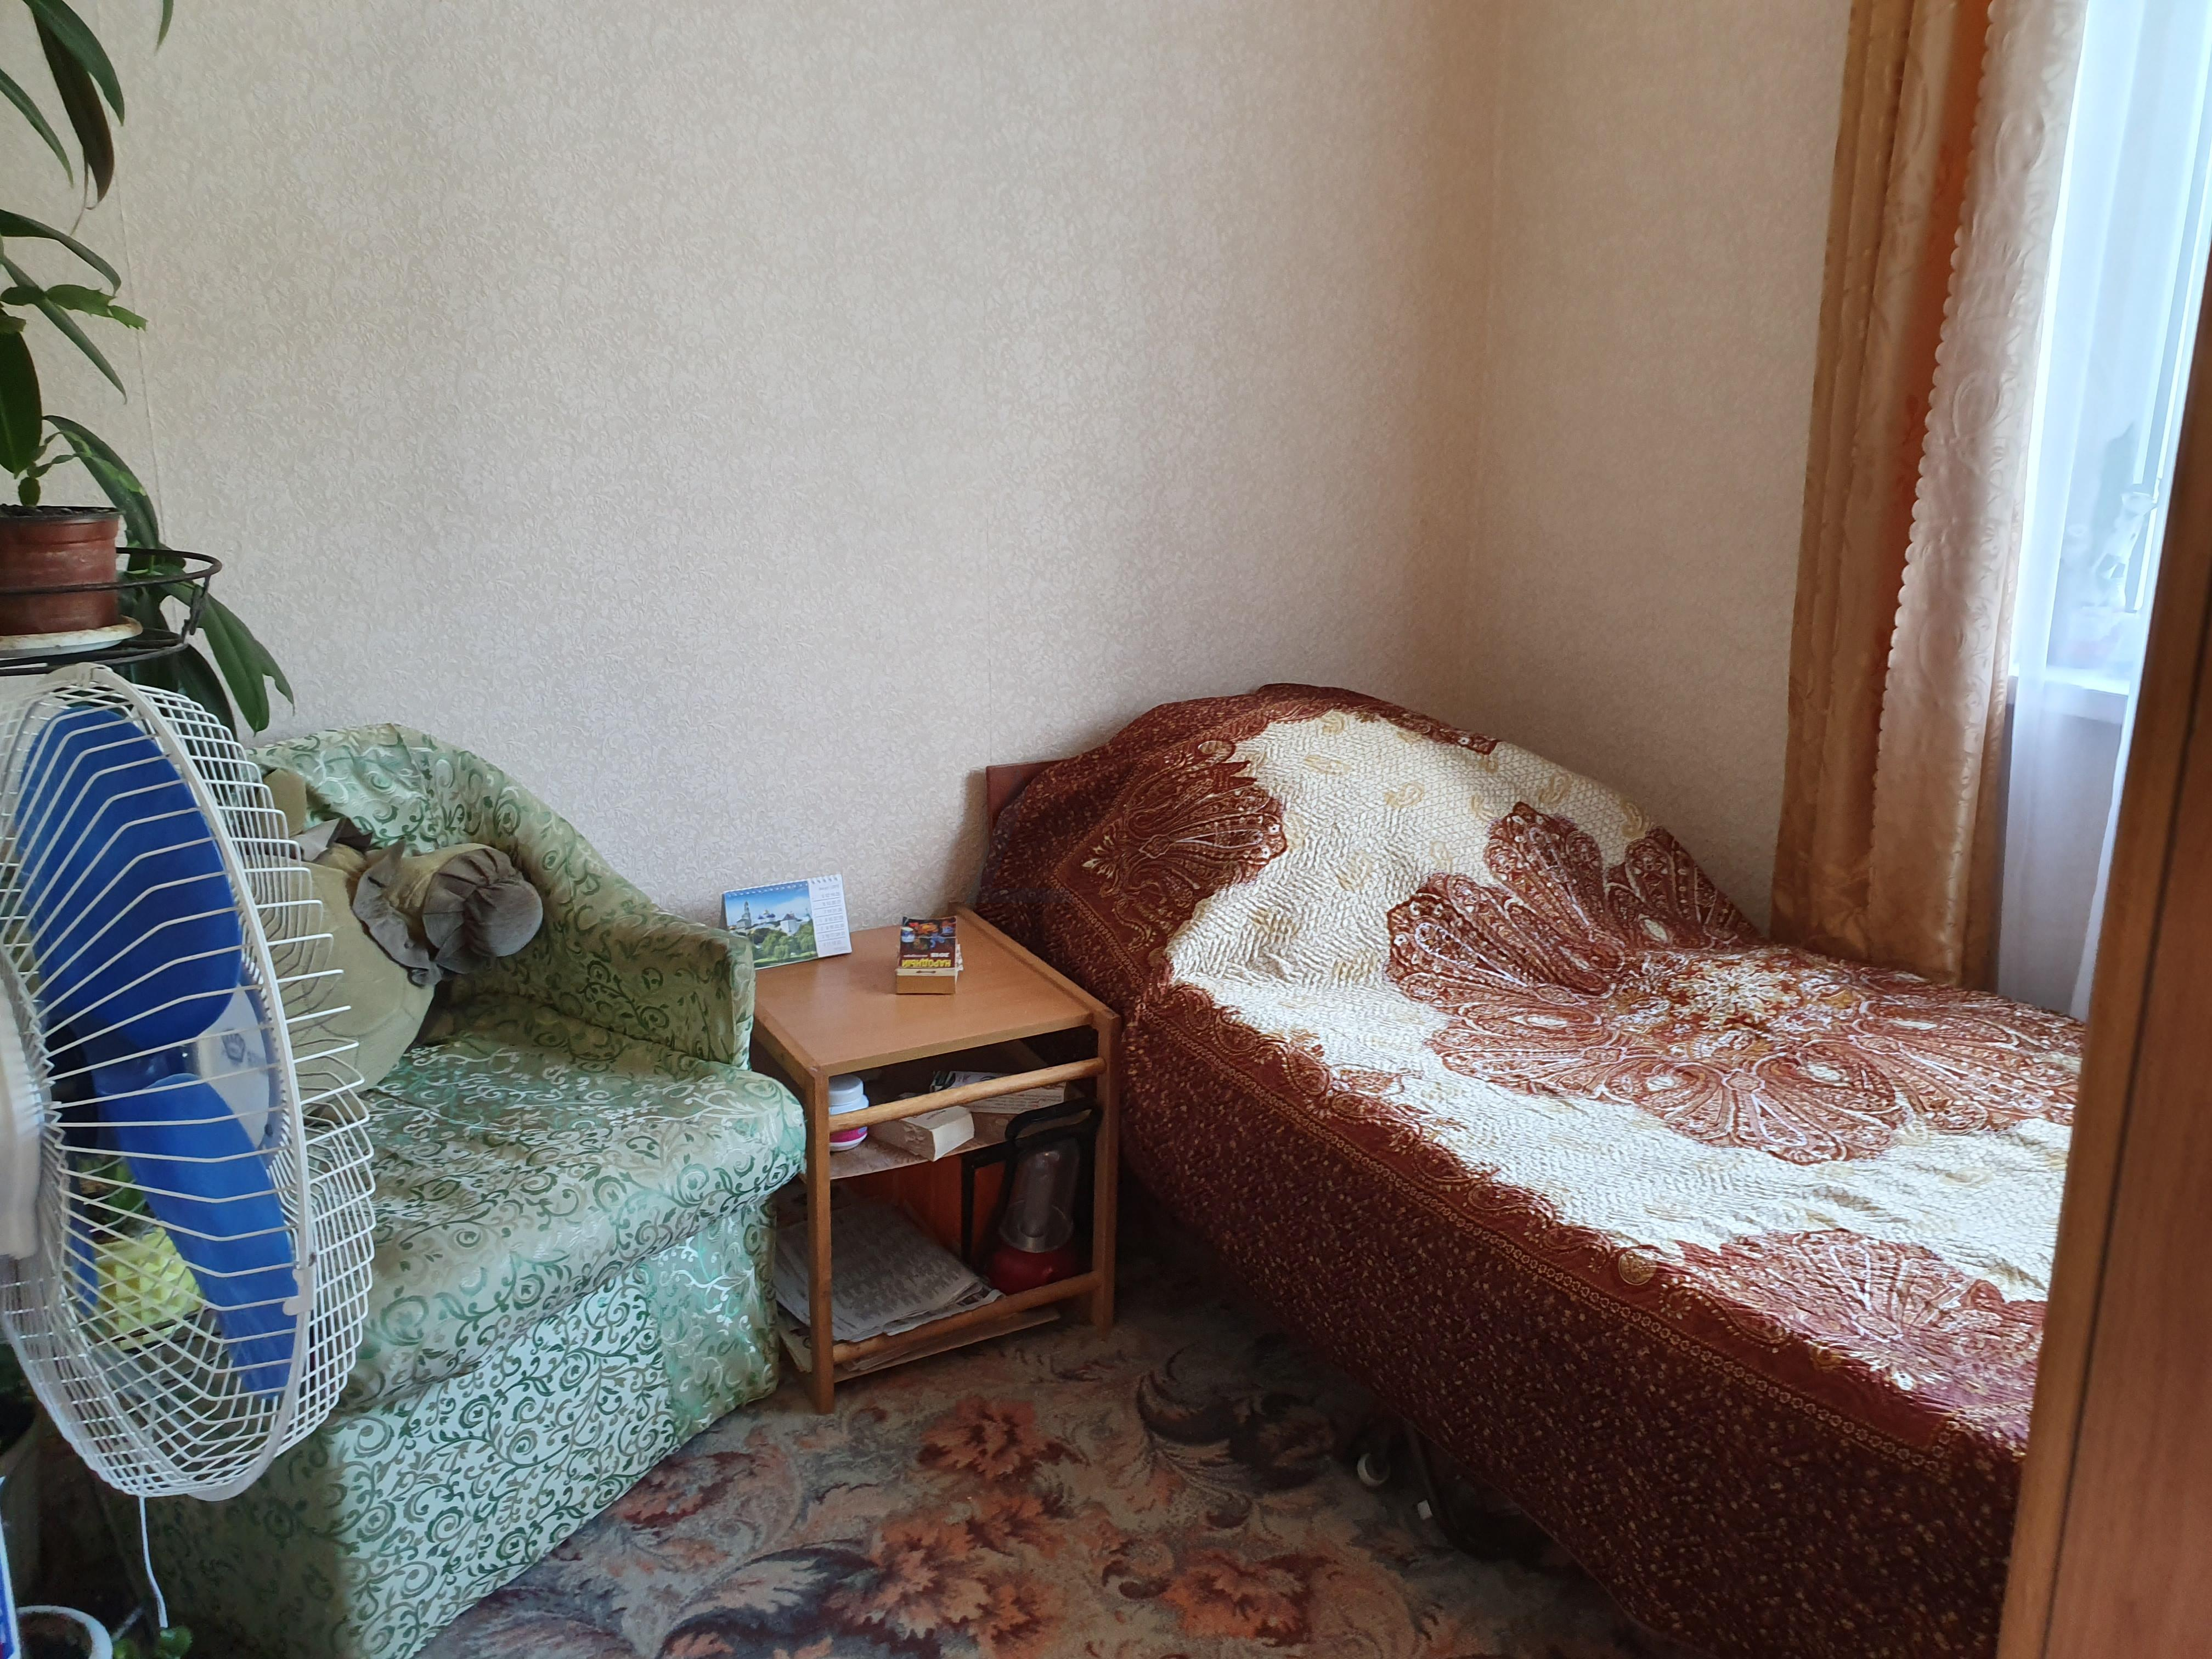 Коттедж на продажу по адресу Россия, Краснодарский край, Сочи, улица Изумрудная